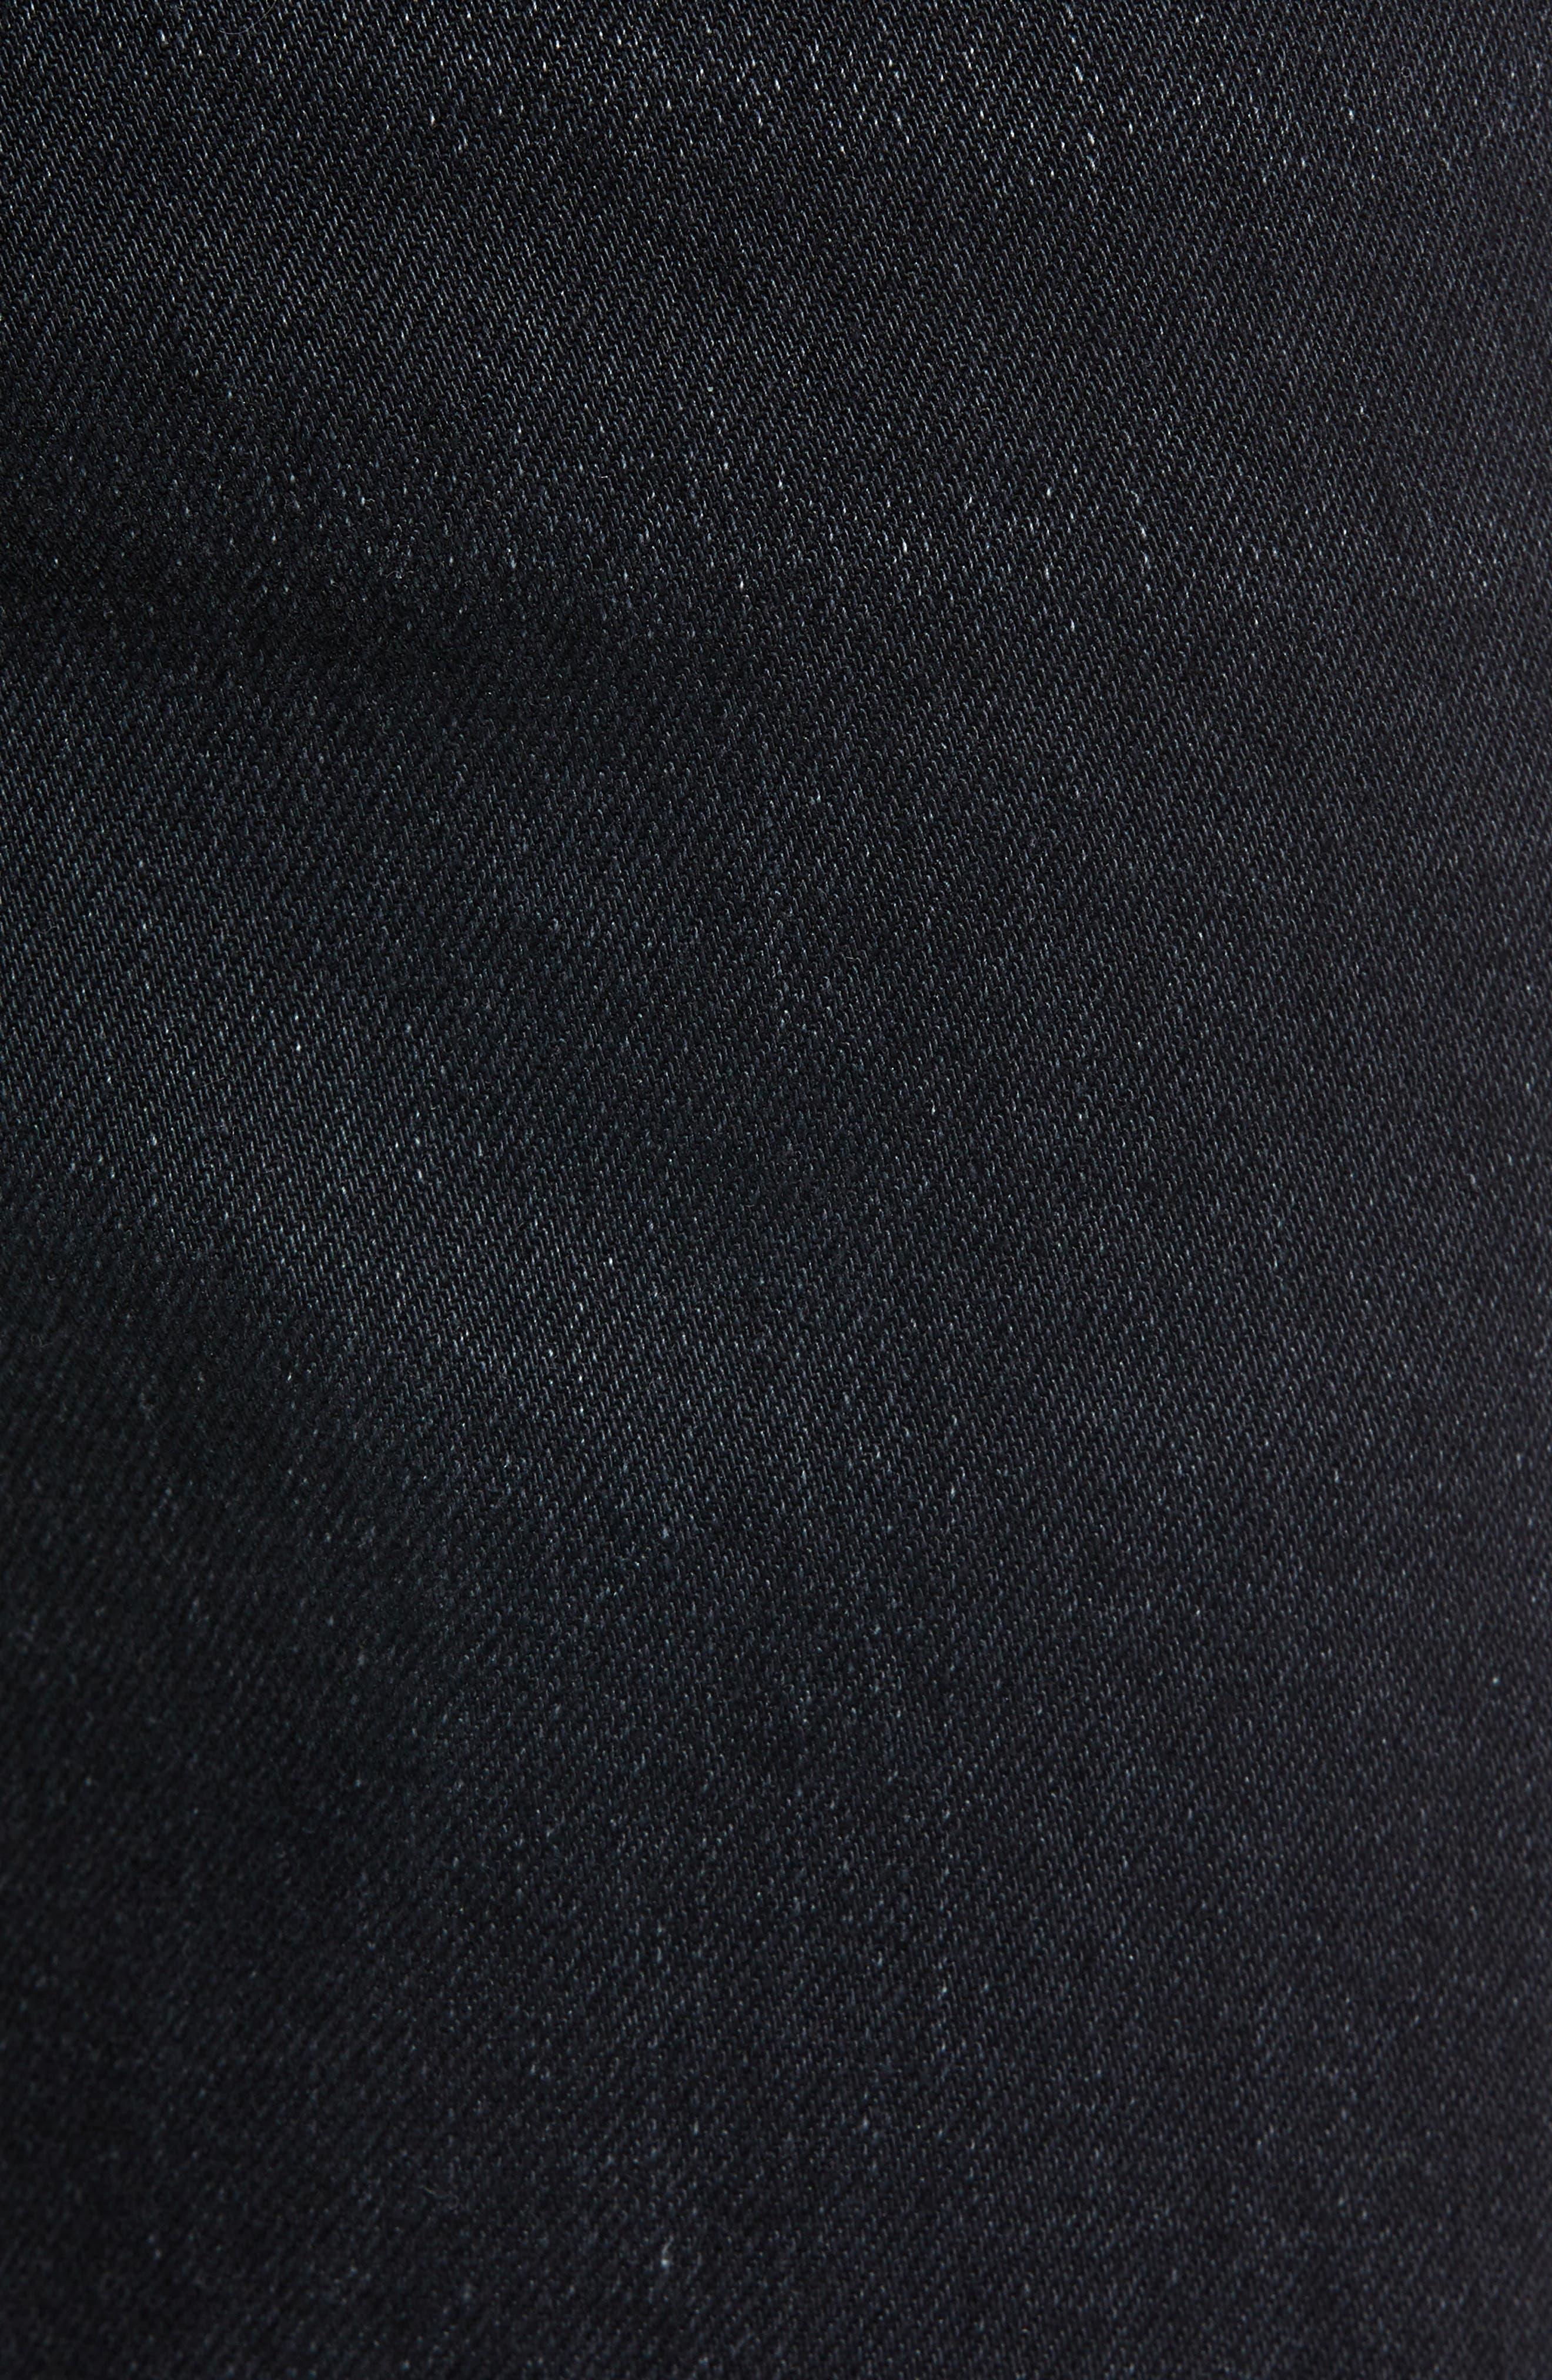 Fit 2 Slim Fit Jeans,                             Alternate thumbnail 5, color,                             DEVON